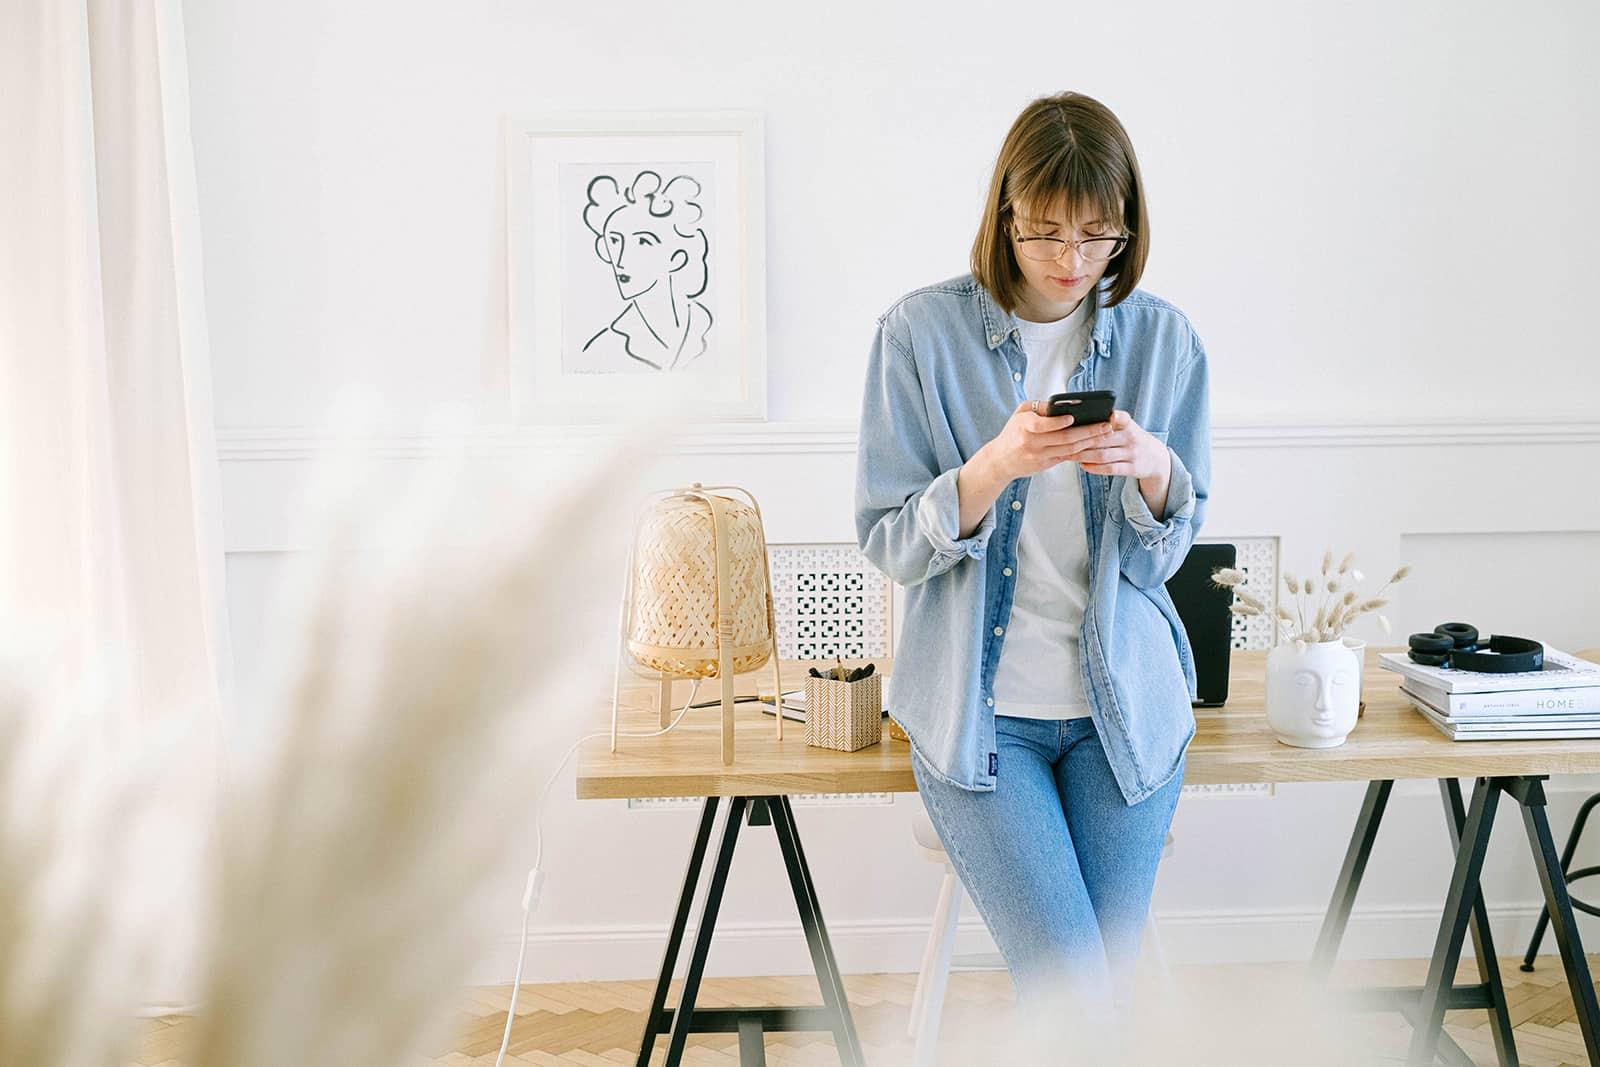 eine Frau, die auf einem Smartphone tippt und sich auf den Schreibtisch lehnt